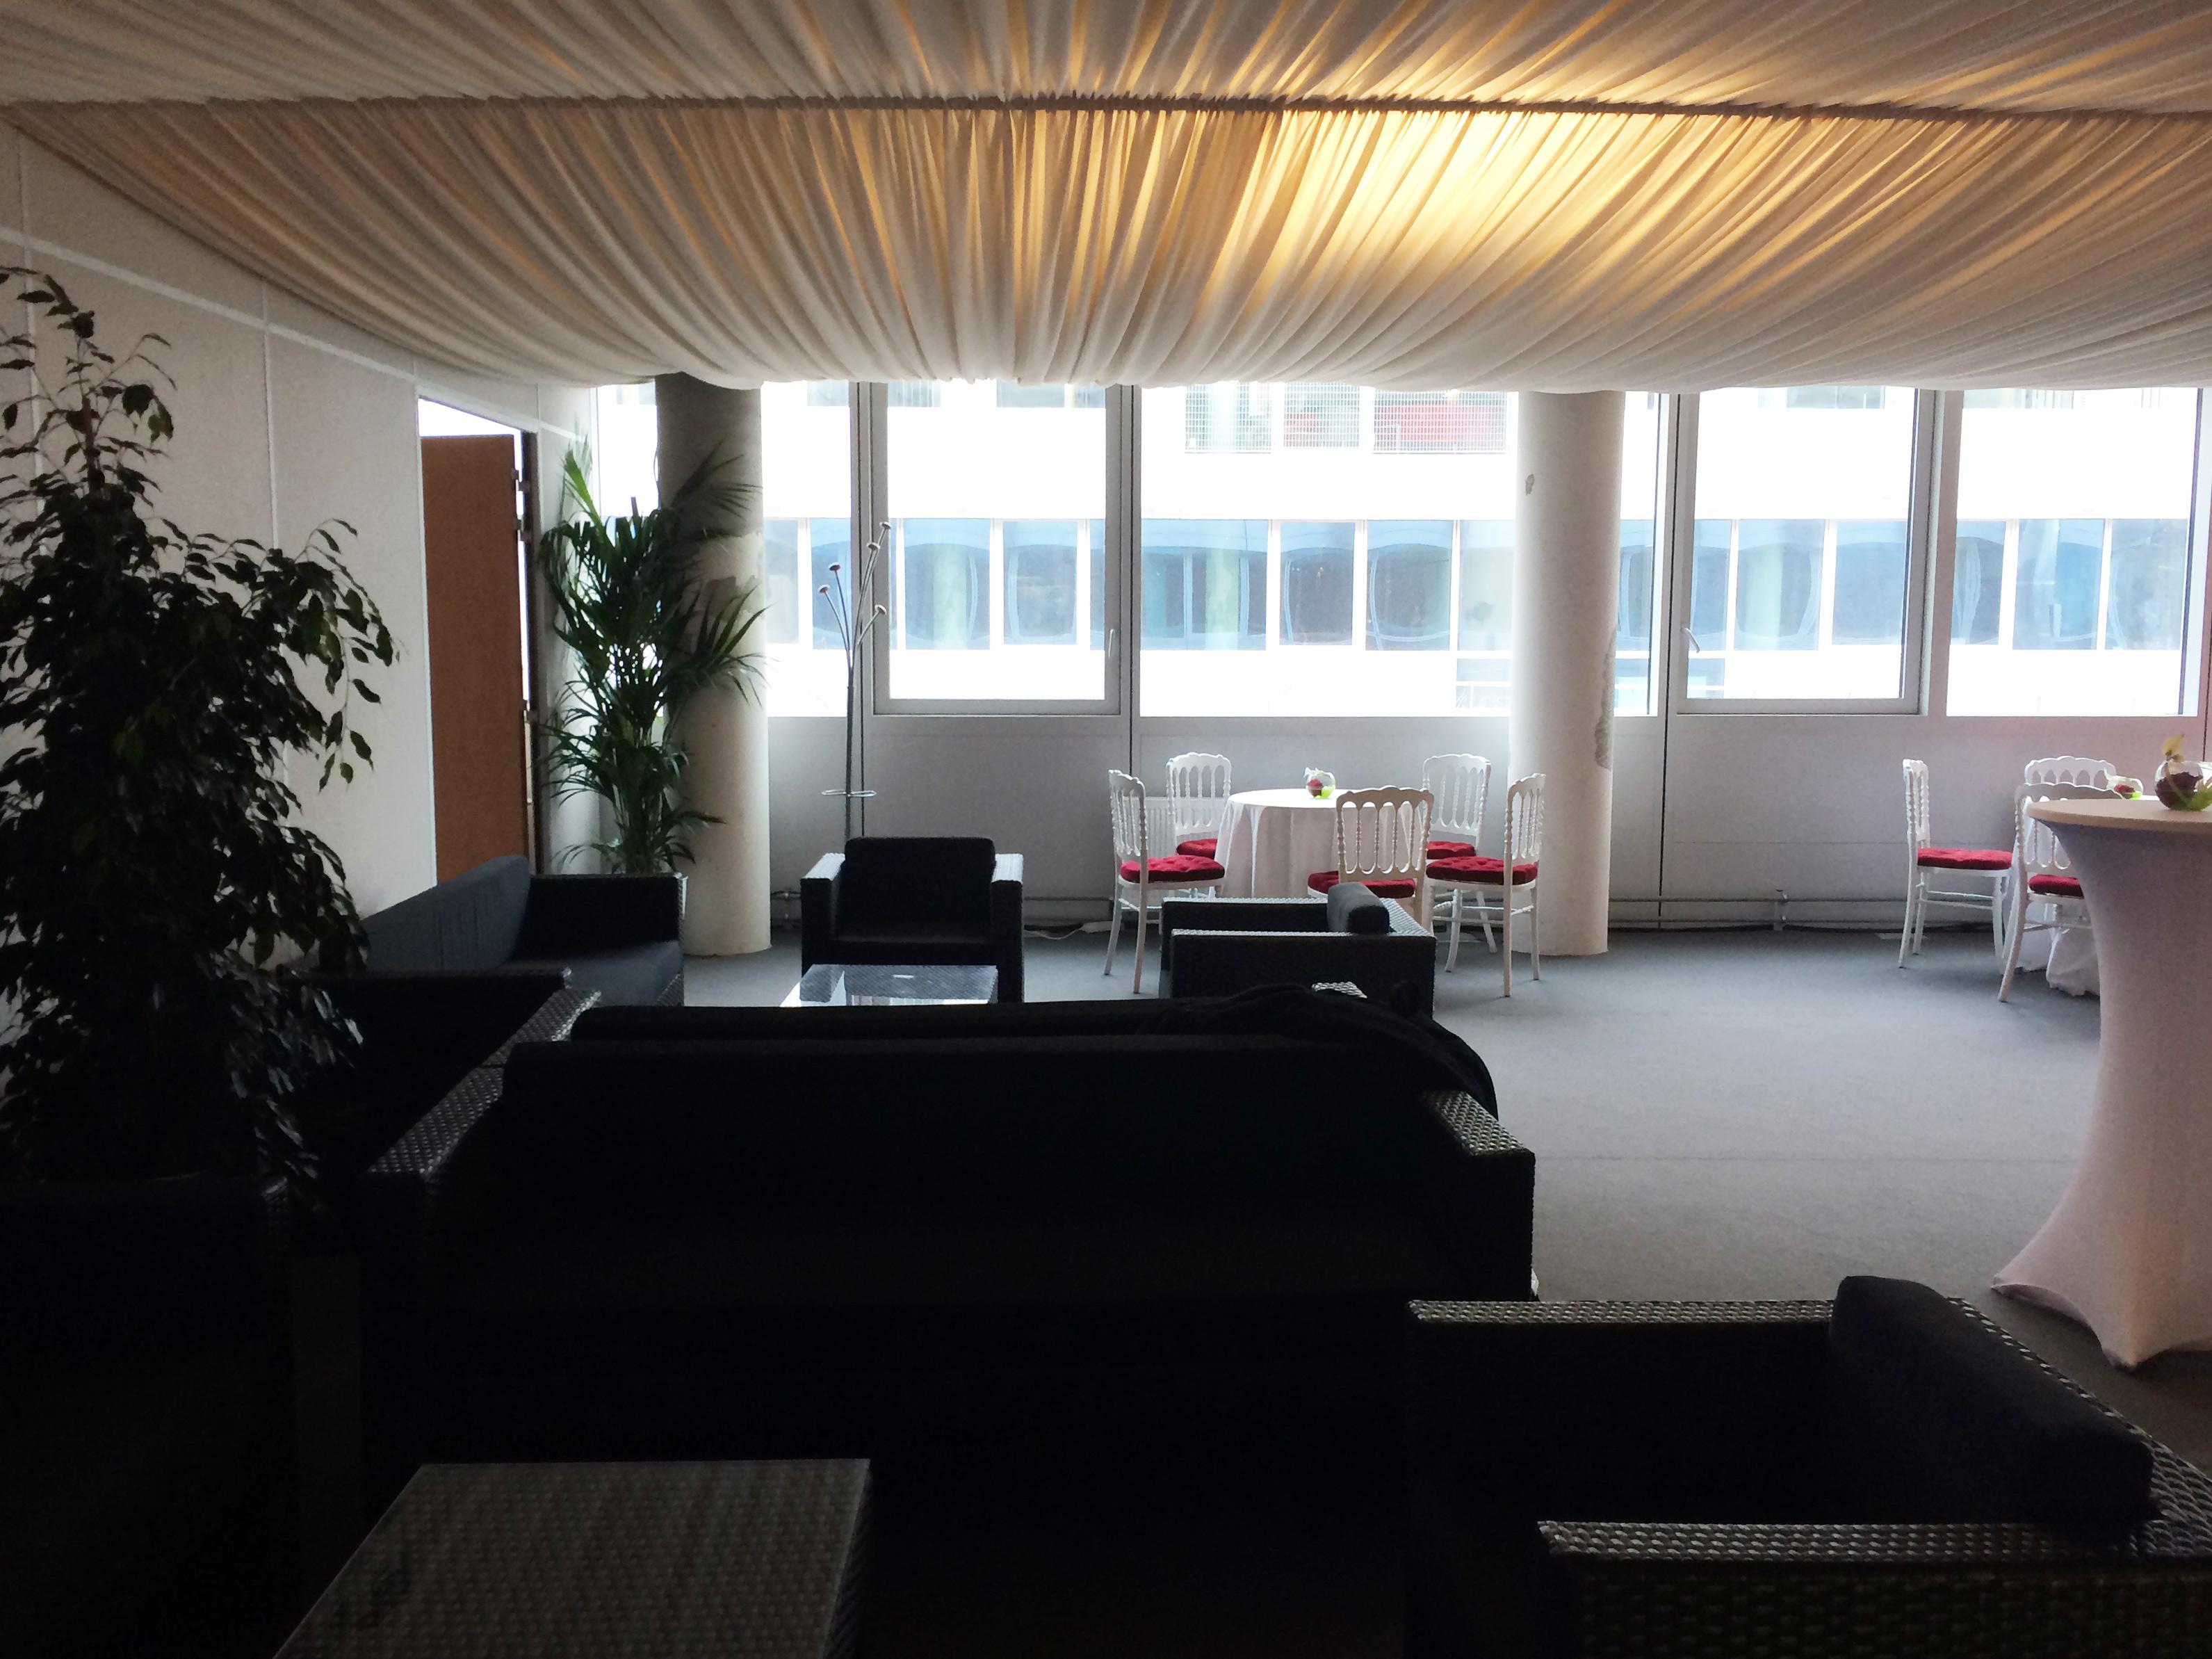 Canapés noirs et voiles au plafond